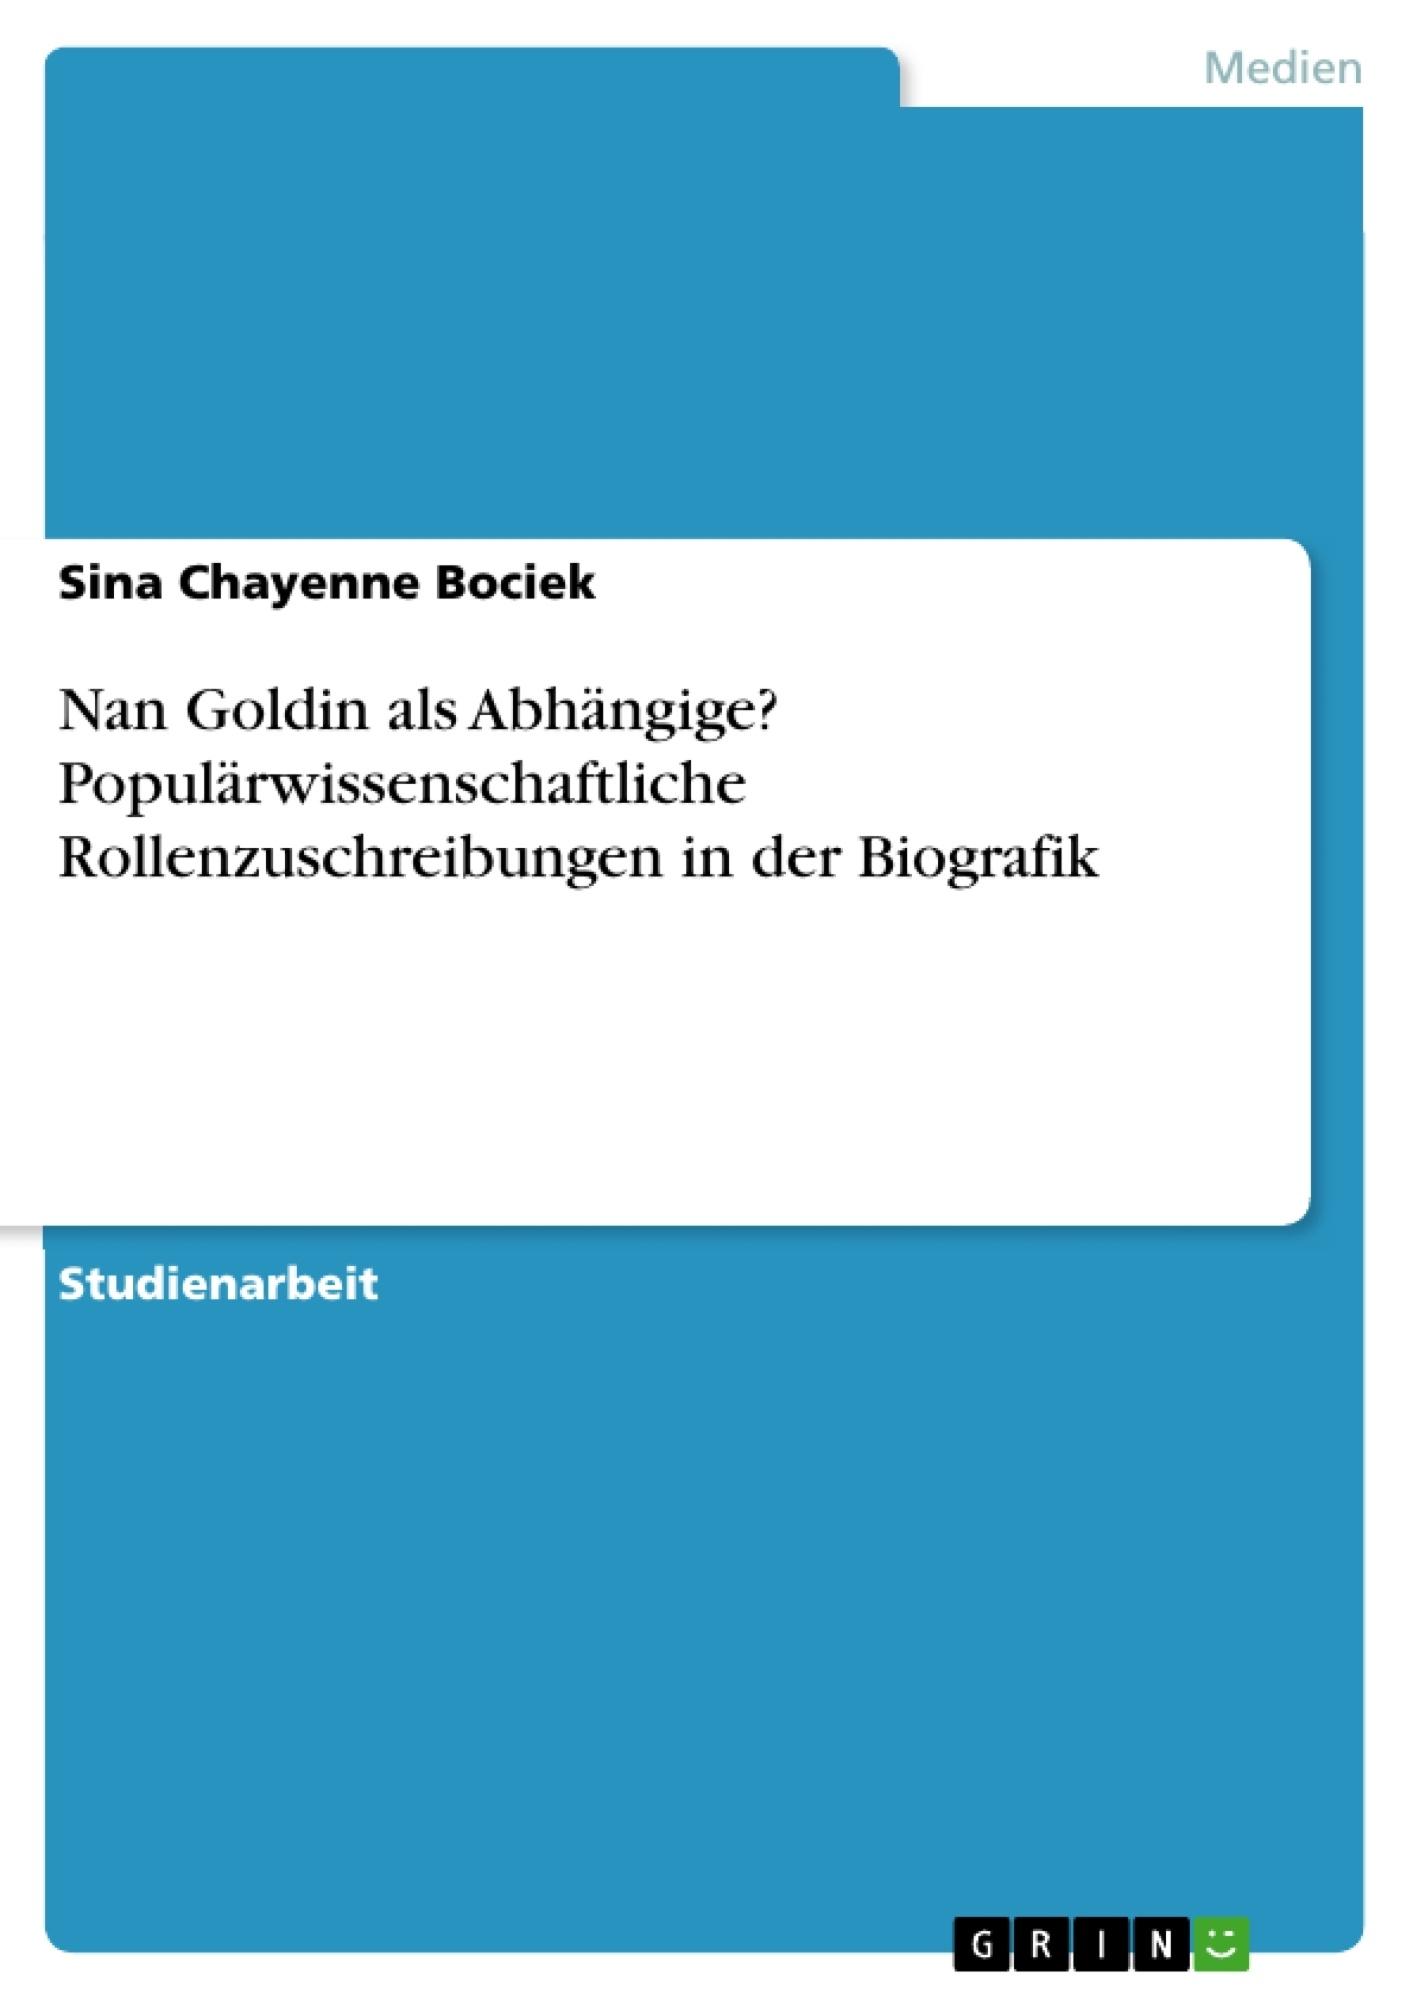 Titel: Nan Goldin als Abhängige? Populärwissenschaftliche Rollenzuschreibungen in der Biografik